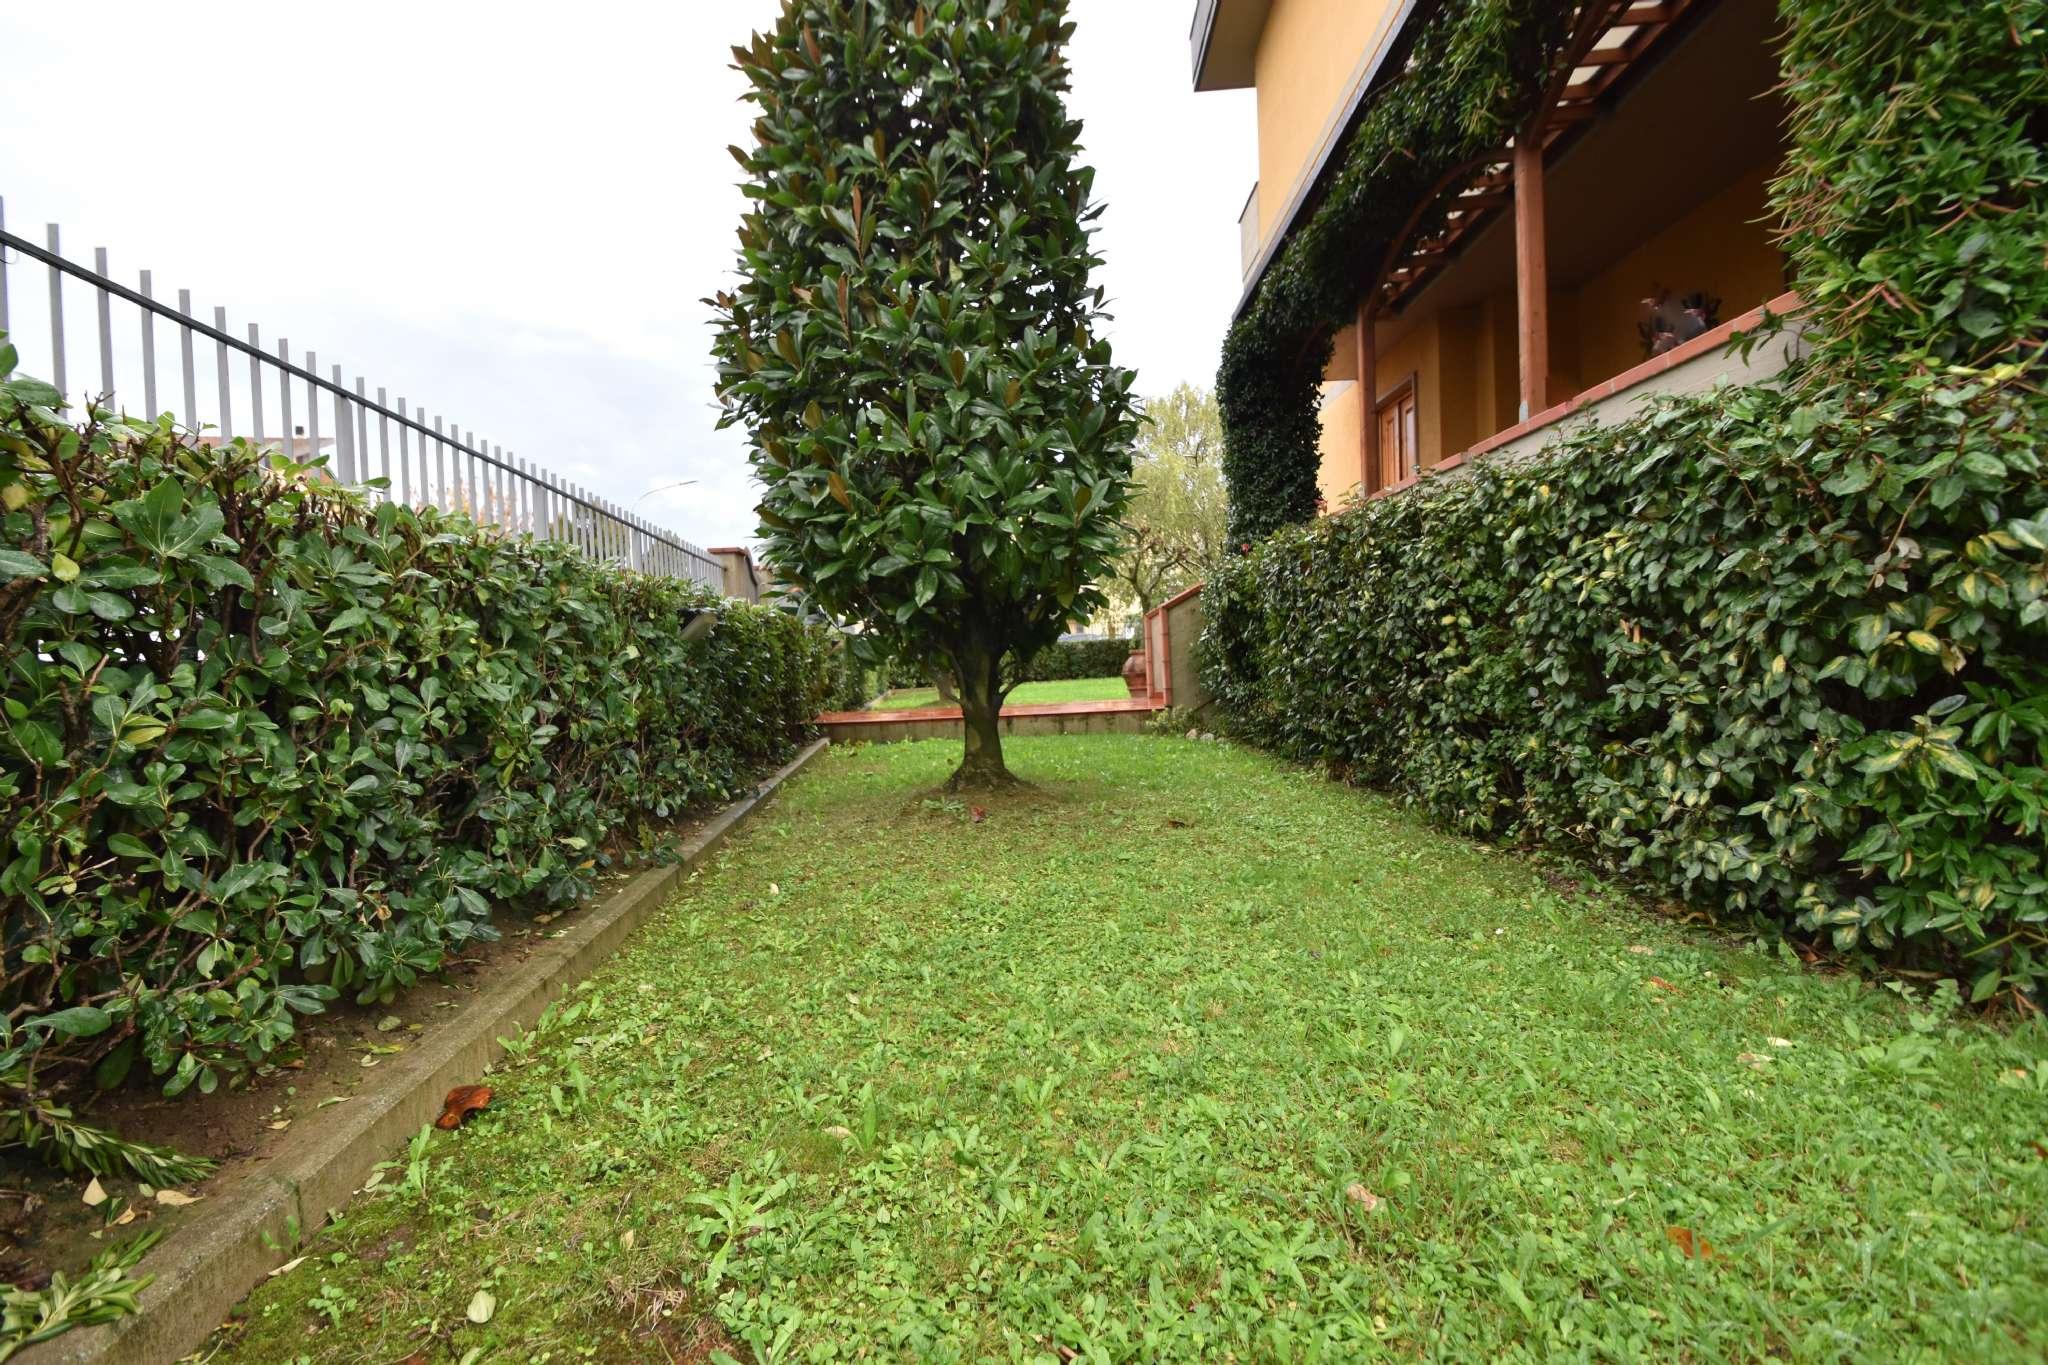 Appartamento in vendita a Prato, 6 locali, prezzo € 335.000 | PortaleAgenzieImmobiliari.it